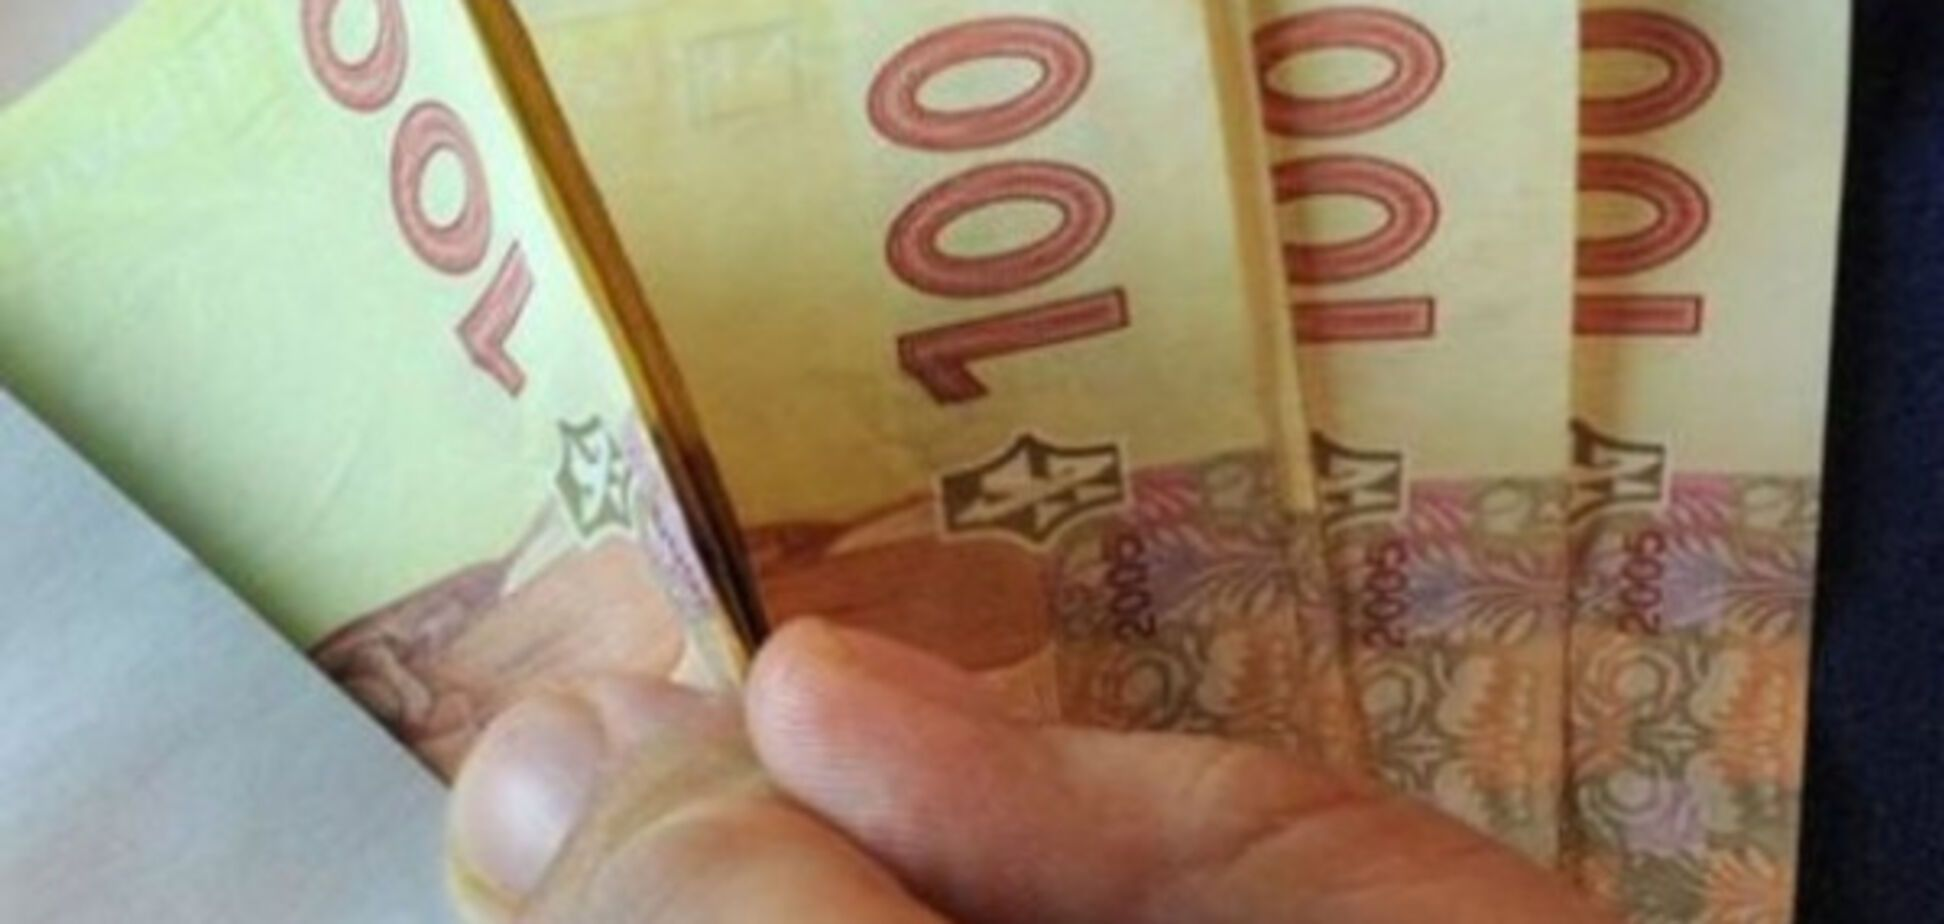 Хотіла врятувати сина: у 89-річної жінки шахраї видурили десятки тисяч гривень